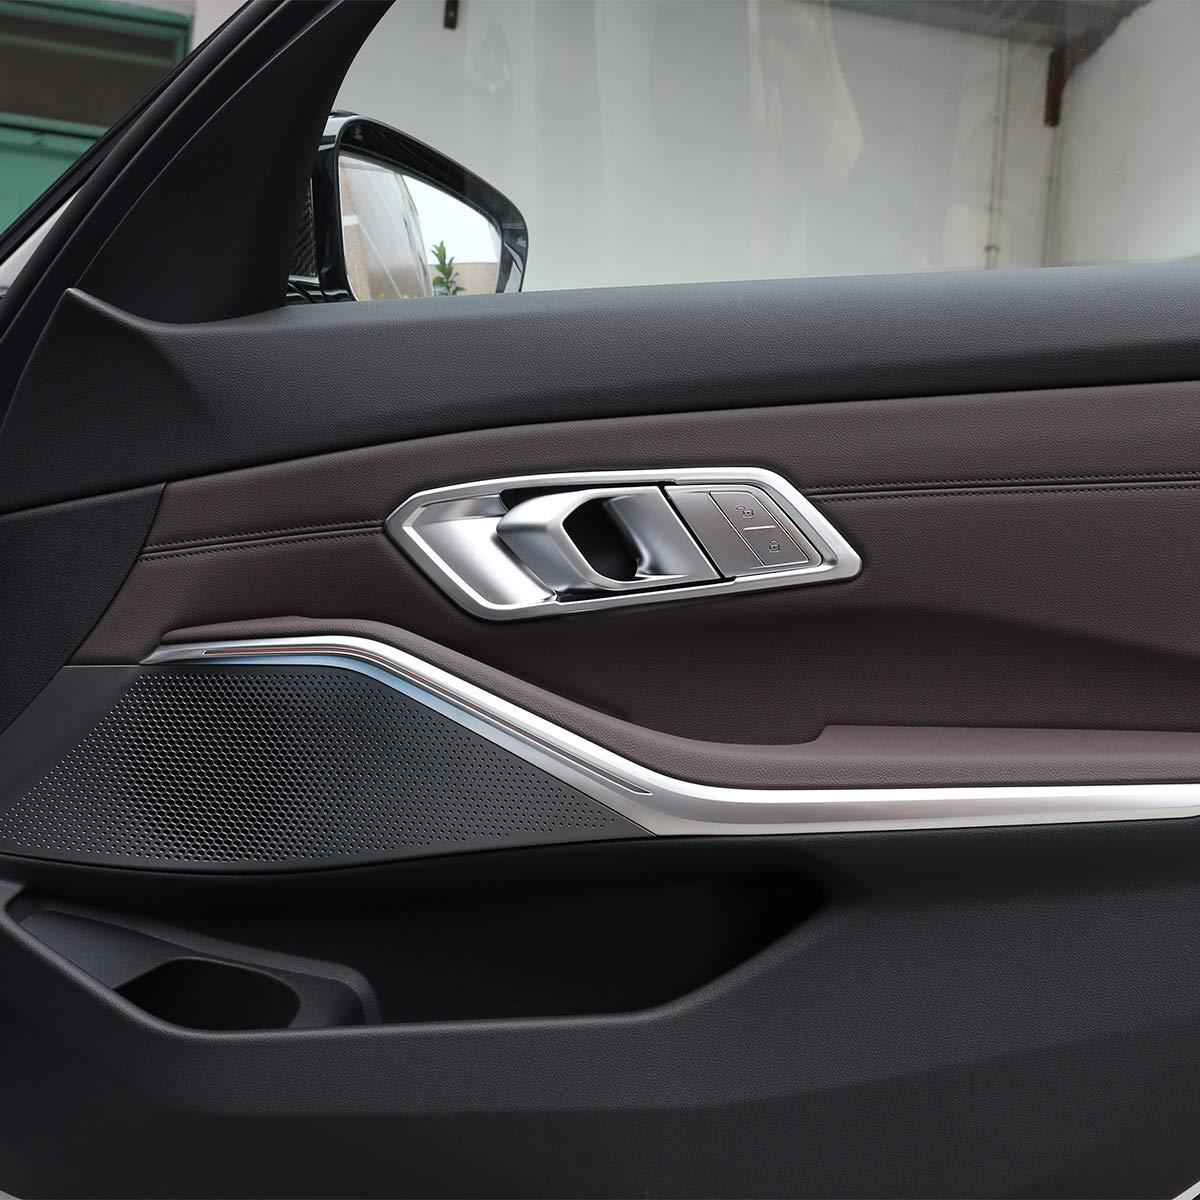 2020 G28 lado izquierdo serie 3 Embellecedor de manija de puerta interior de ABS cromado para G20